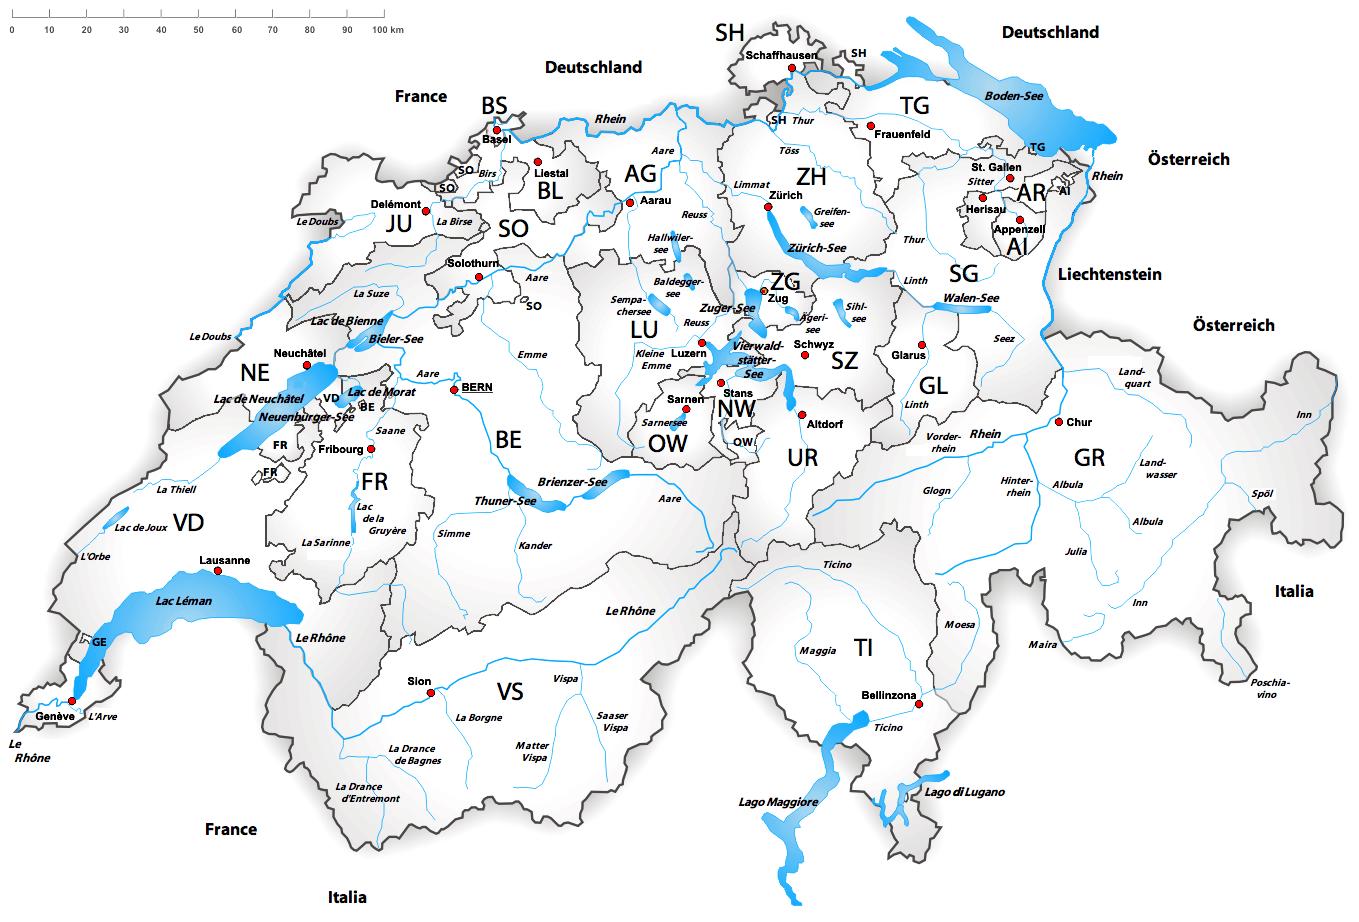 Routenplaner Schweiz Deutschland Karte - Deutschland Und Schweiz Karte